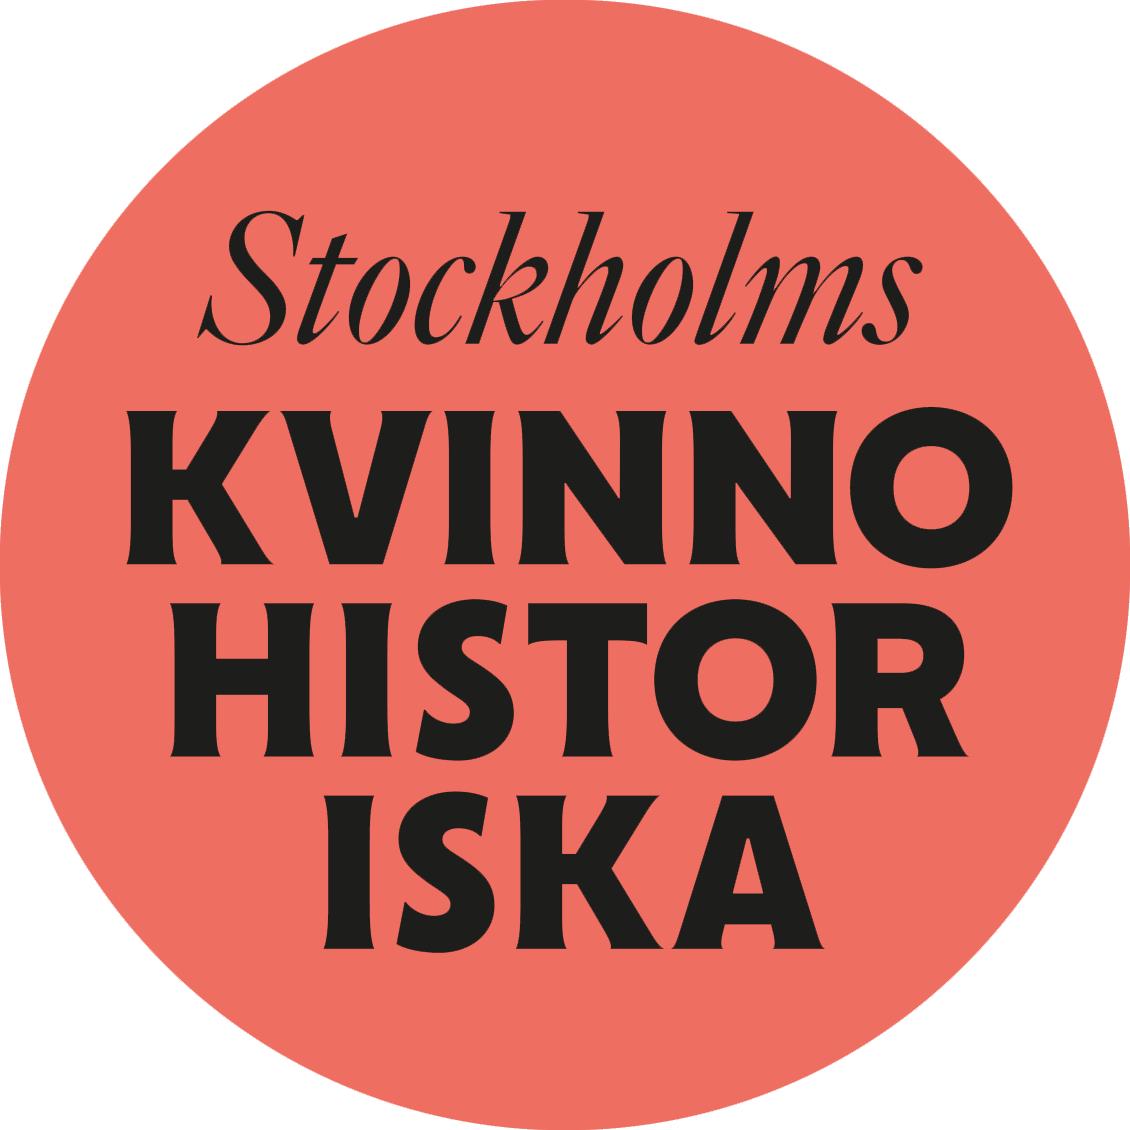 pantoneSTHLMS_Kvinnohistoriska logo_rundKORALL_SVART_rgb.png